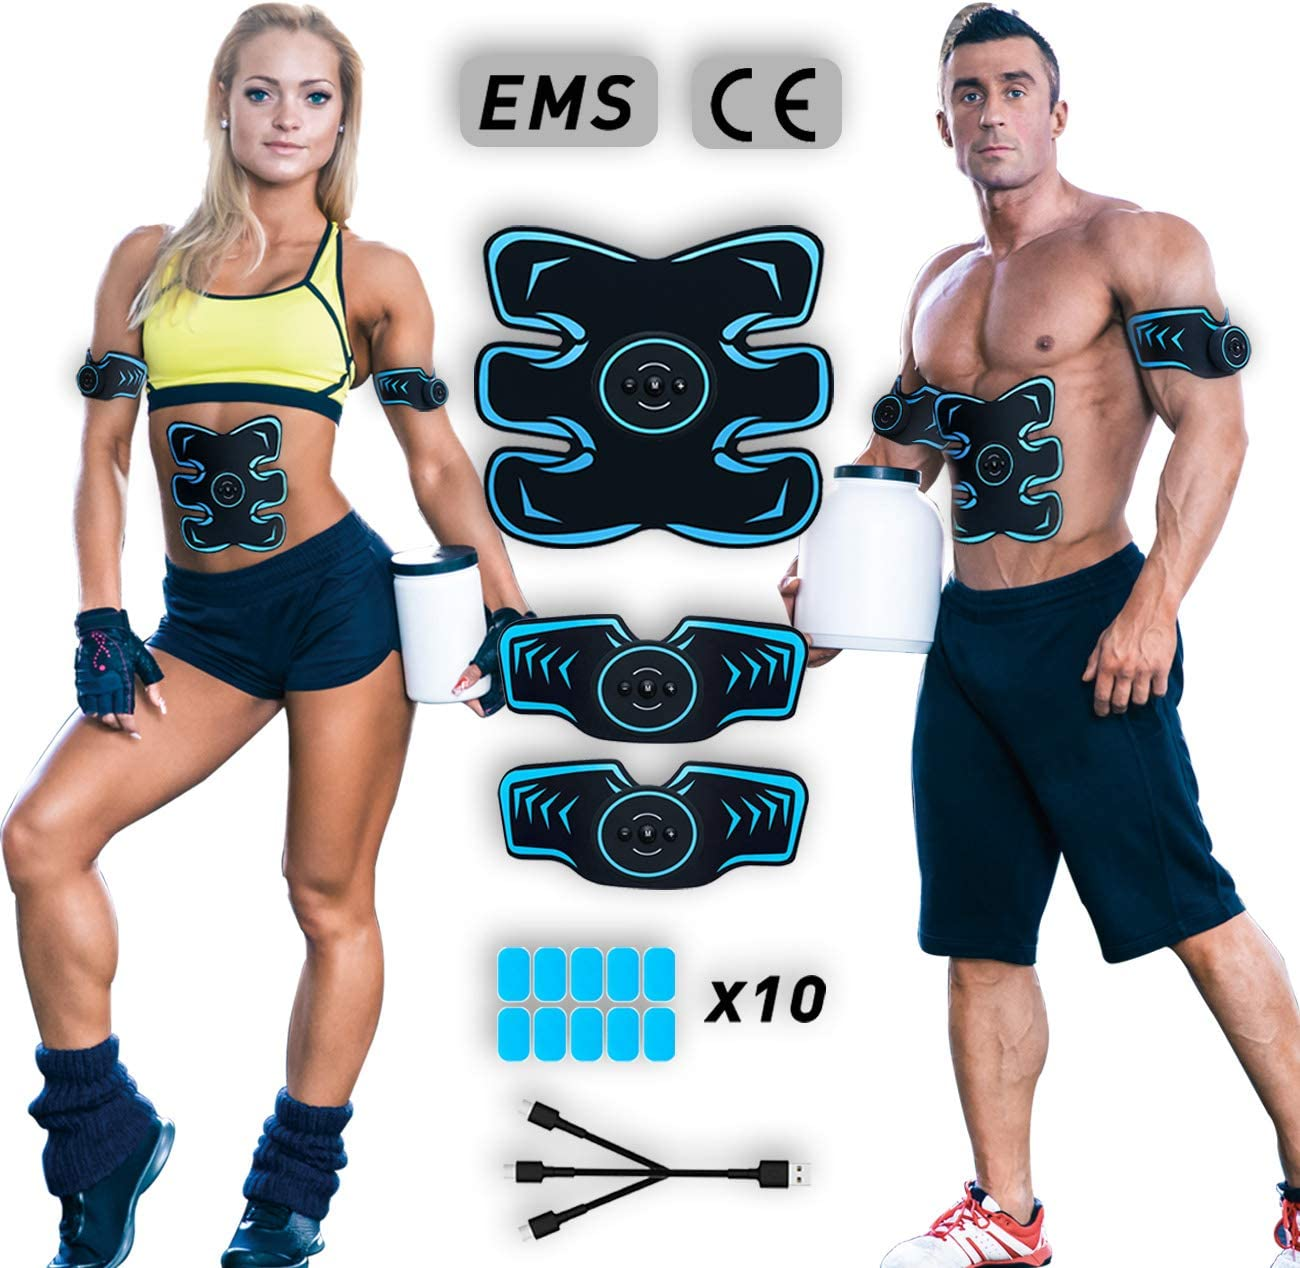 MATEHOM Electrostimulateur Musculaire,Ceinture Abdominale Electrostimulation,Stimulateur Musculaire Femme Homme Entra/înement Abdominal pour Abdomen//Bras//Jambes